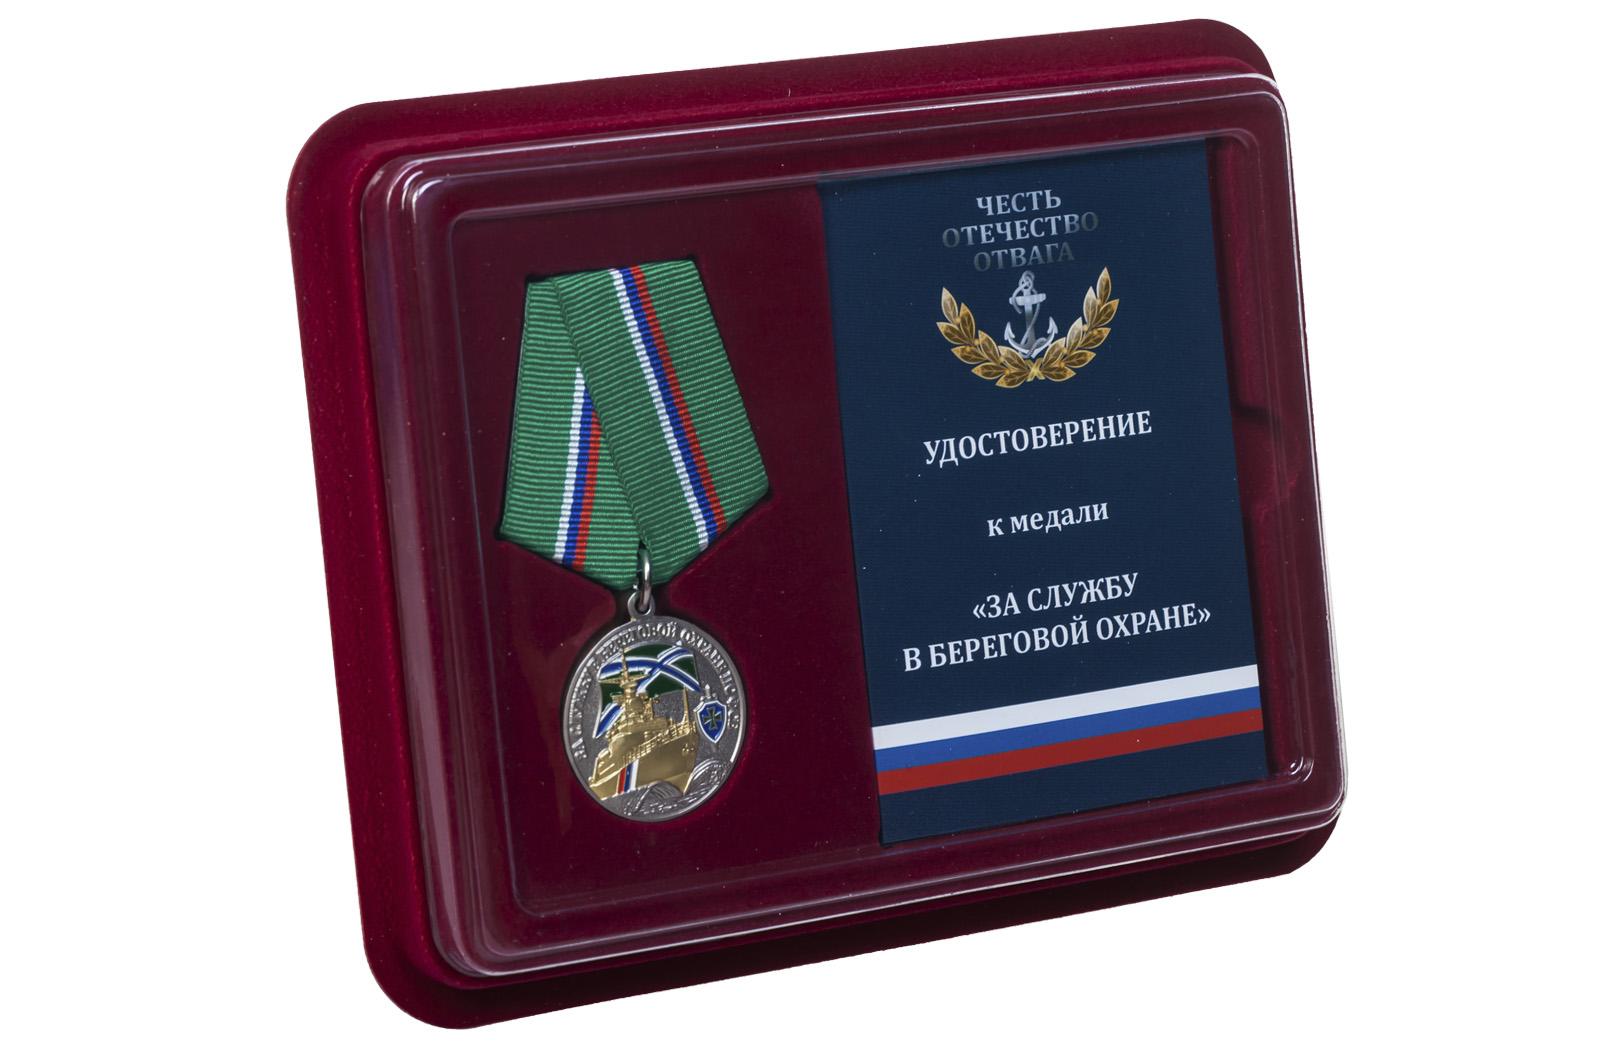 Купить медаль ПС ФСБ За службу в береговой охране оптом или в розницу